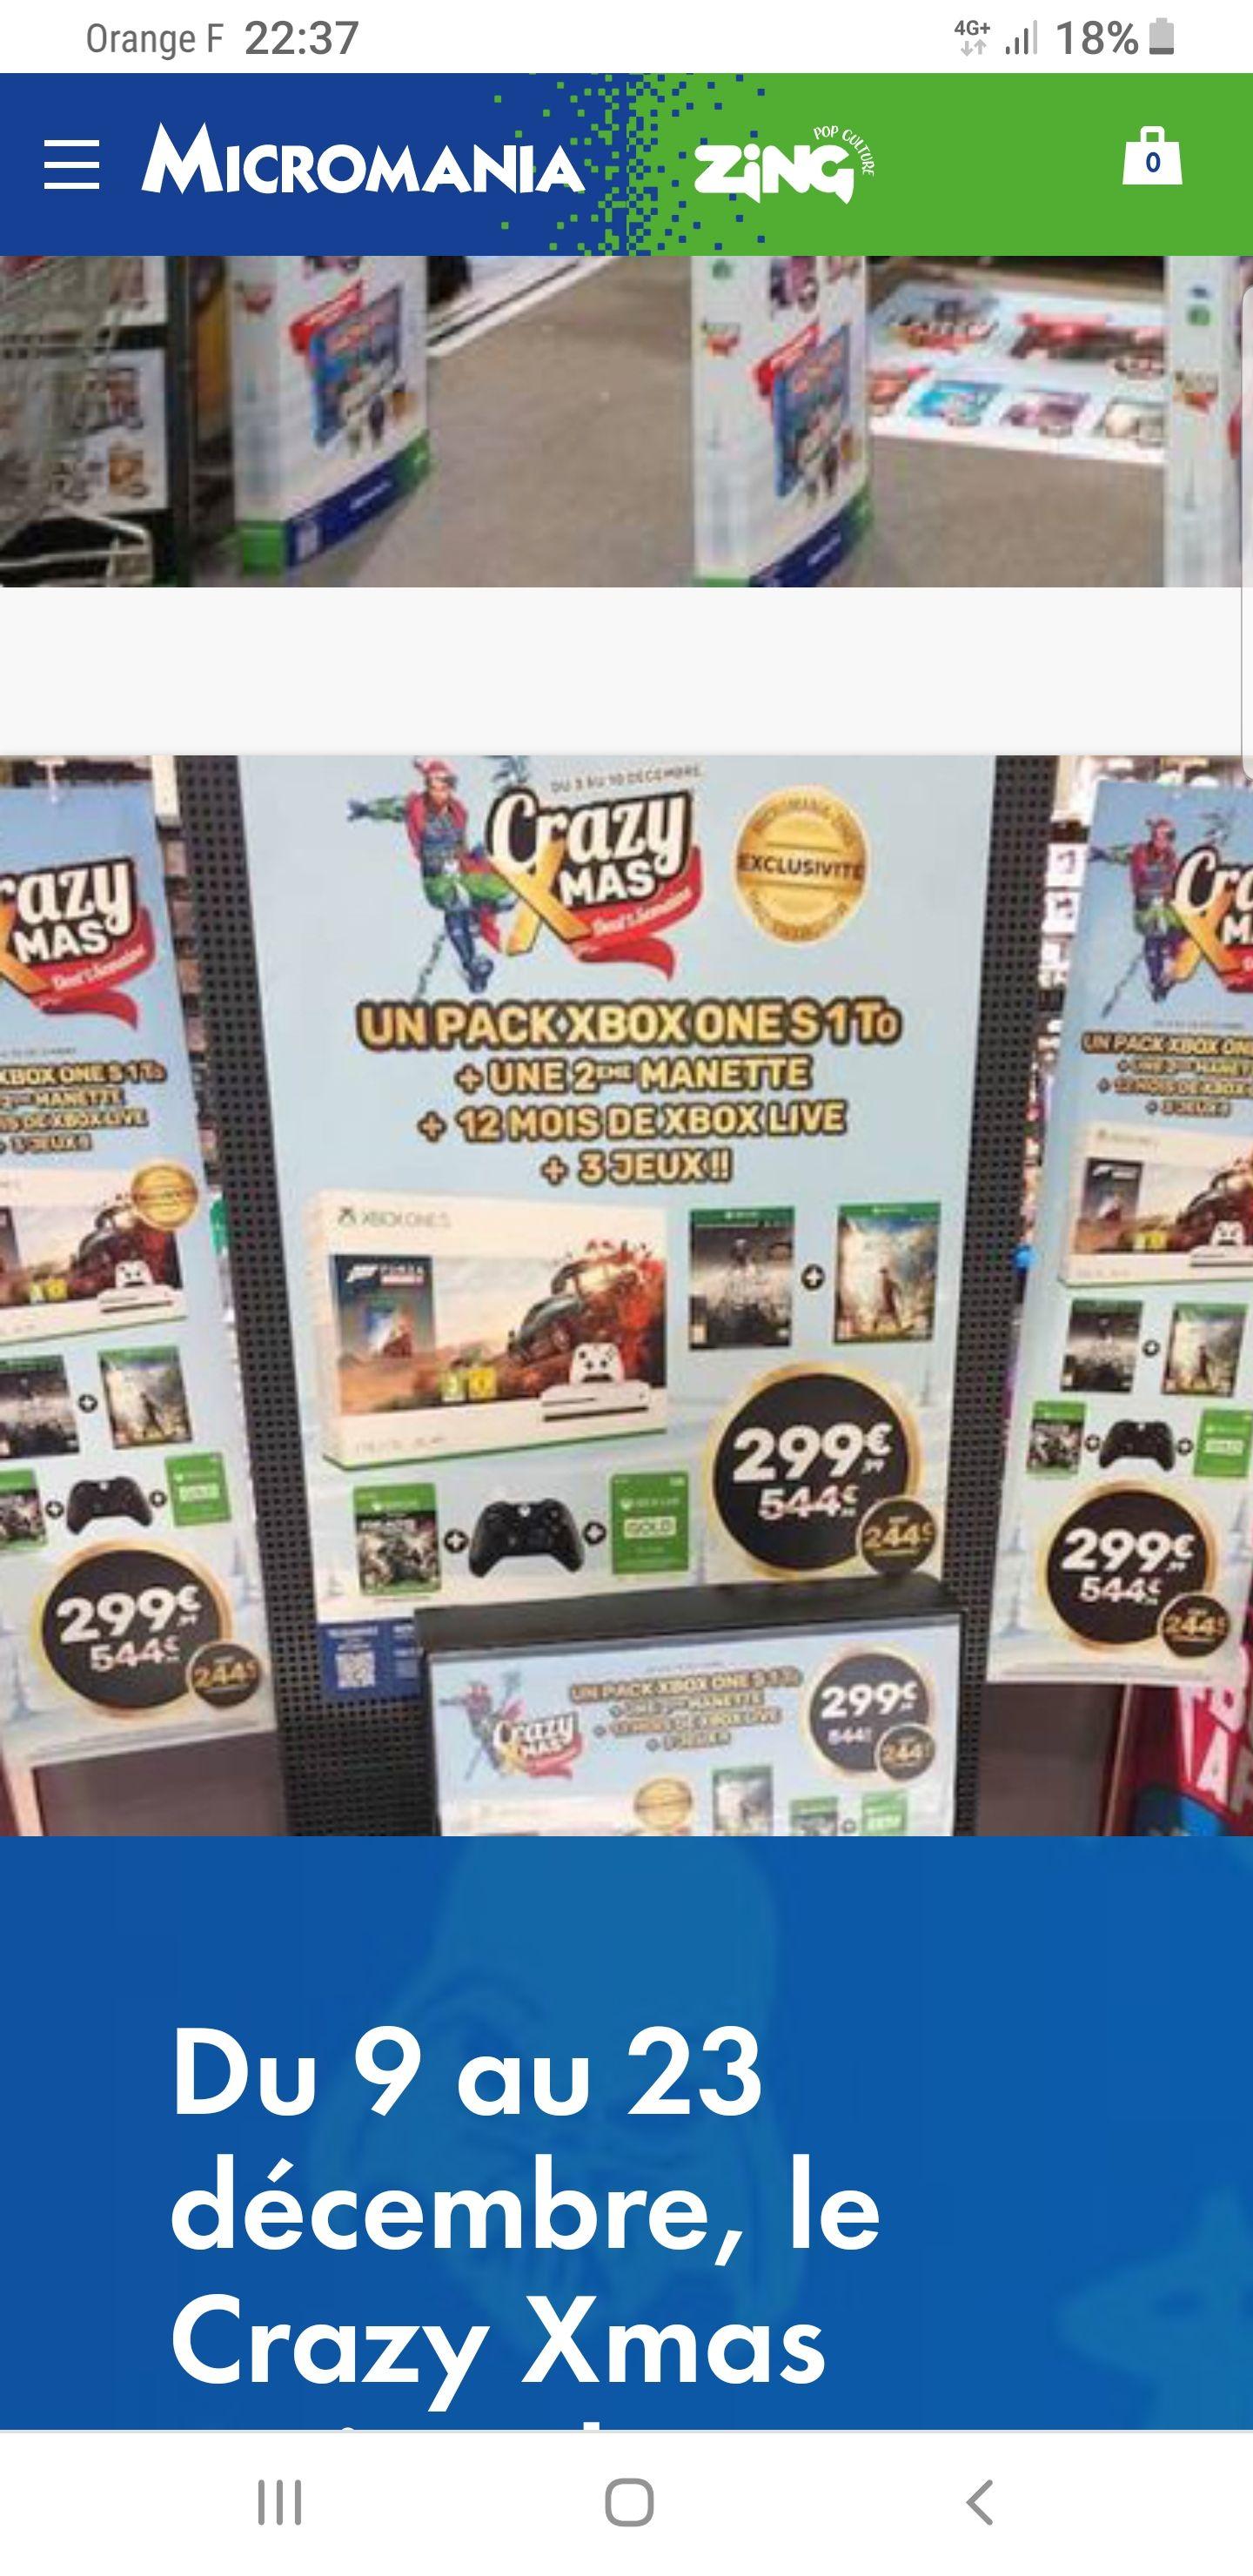 Pack Console Xbox One S - 1 To + 2ème Manette + Abonnement Xbox Live Gold 12 Mois + 3 Jeux